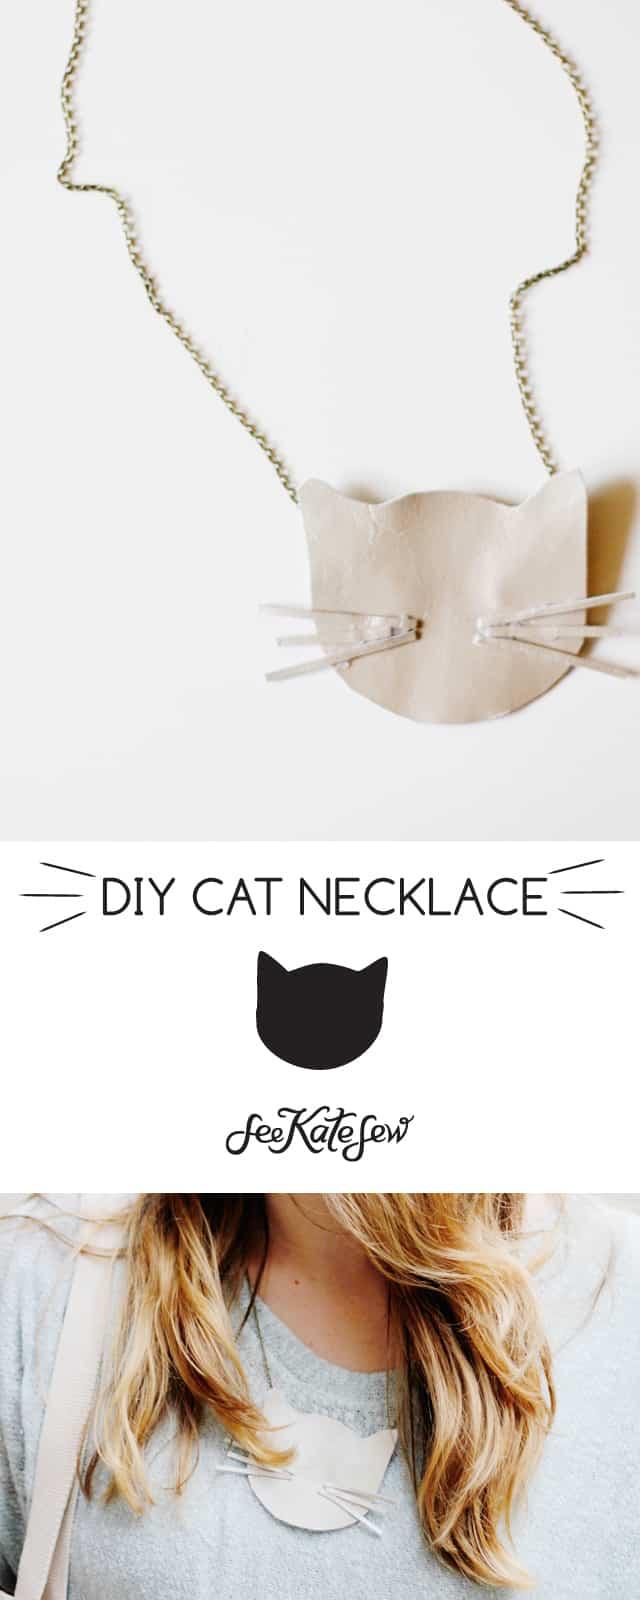 DIY cat necklace